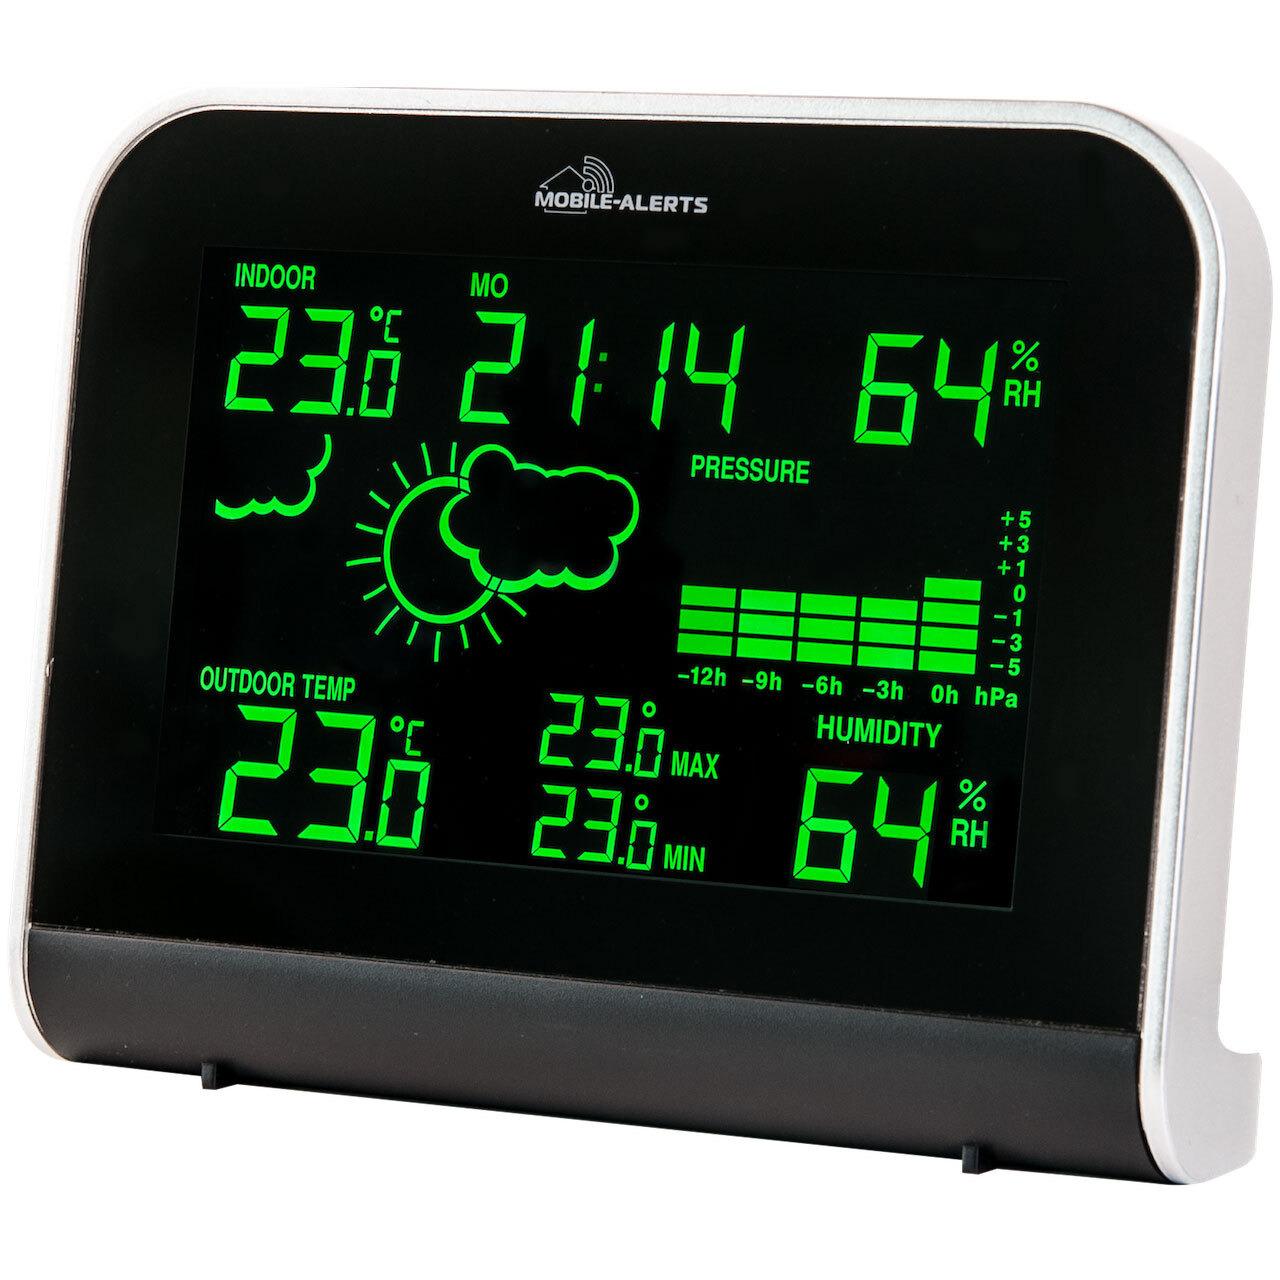 Mobile Alerts RGB-Wetterstation MA10920 inkl- Auund-223 ensensor- kompatibel mit Mobile Alerts System